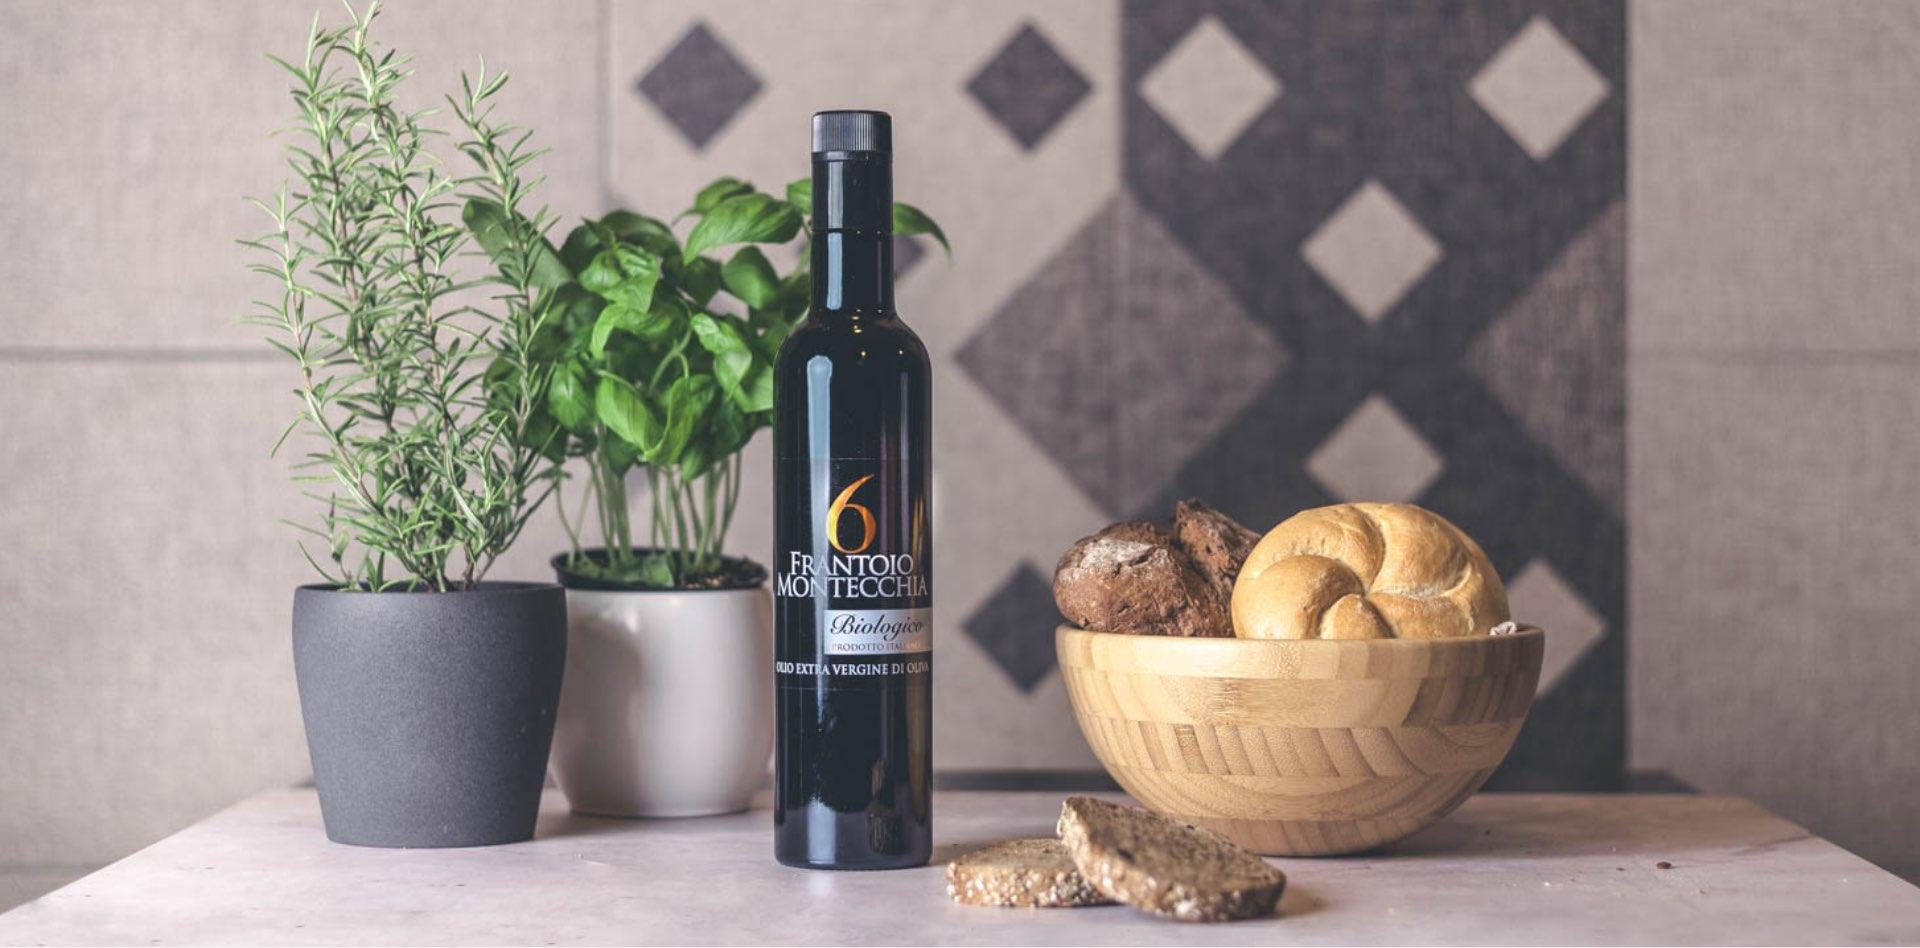 Frantoio-Montecchia-prodotti-line-golden-Morro-D'Oro-Teramo-Abruzzo